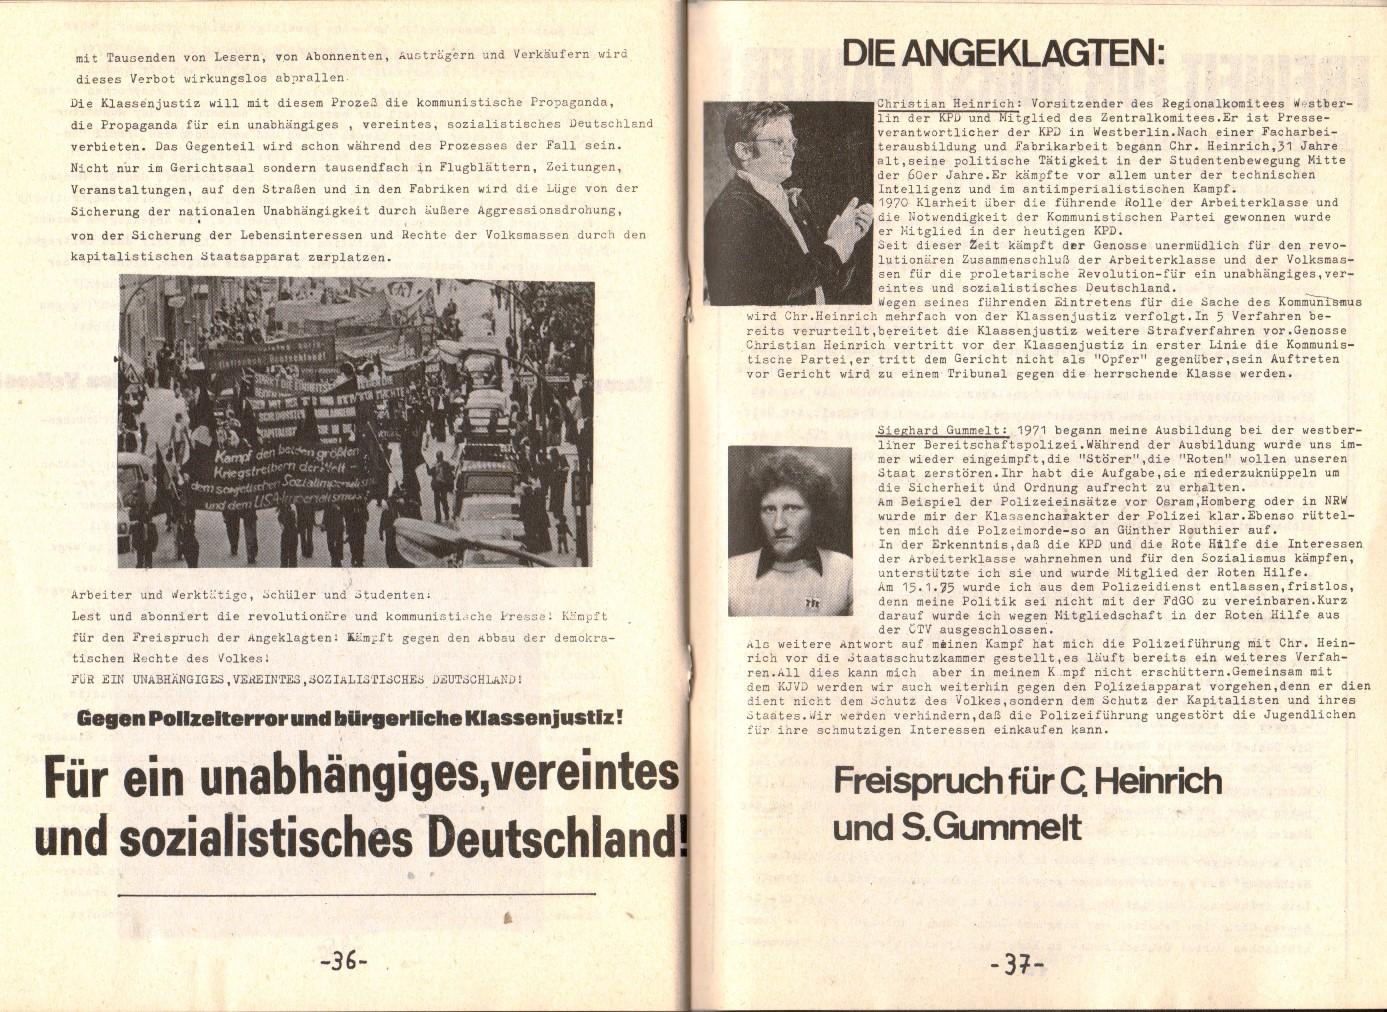 Berlin_KPD_1976_Staatsschutzprozess_20